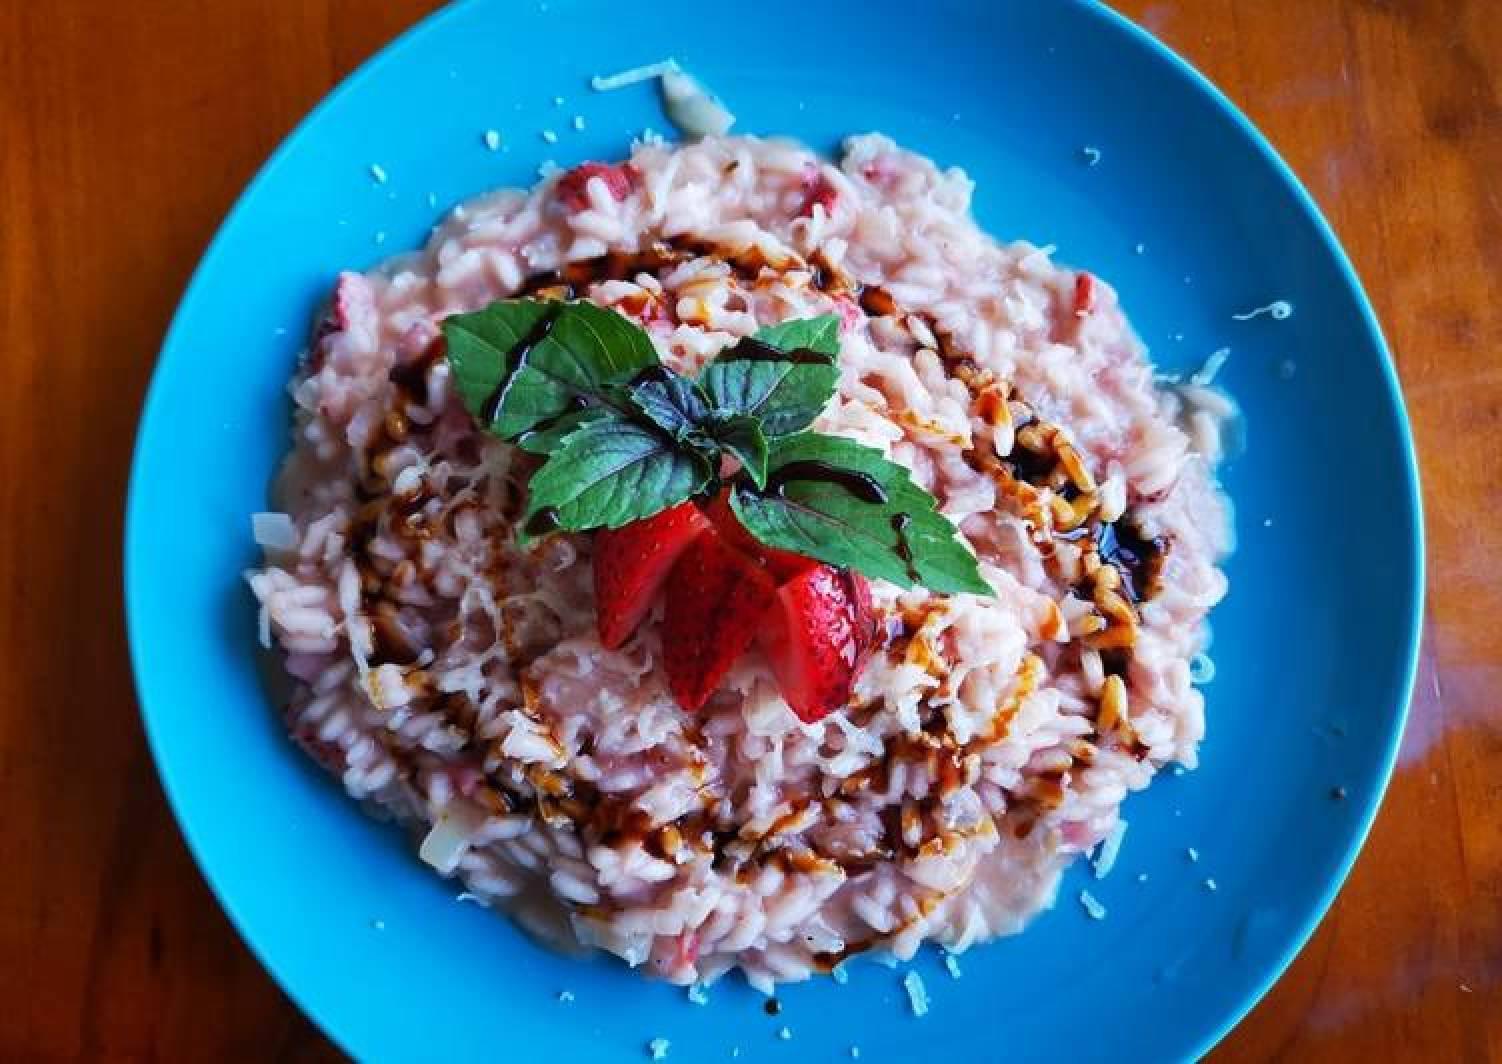 Strawberry risotto (risotto alle fragole)